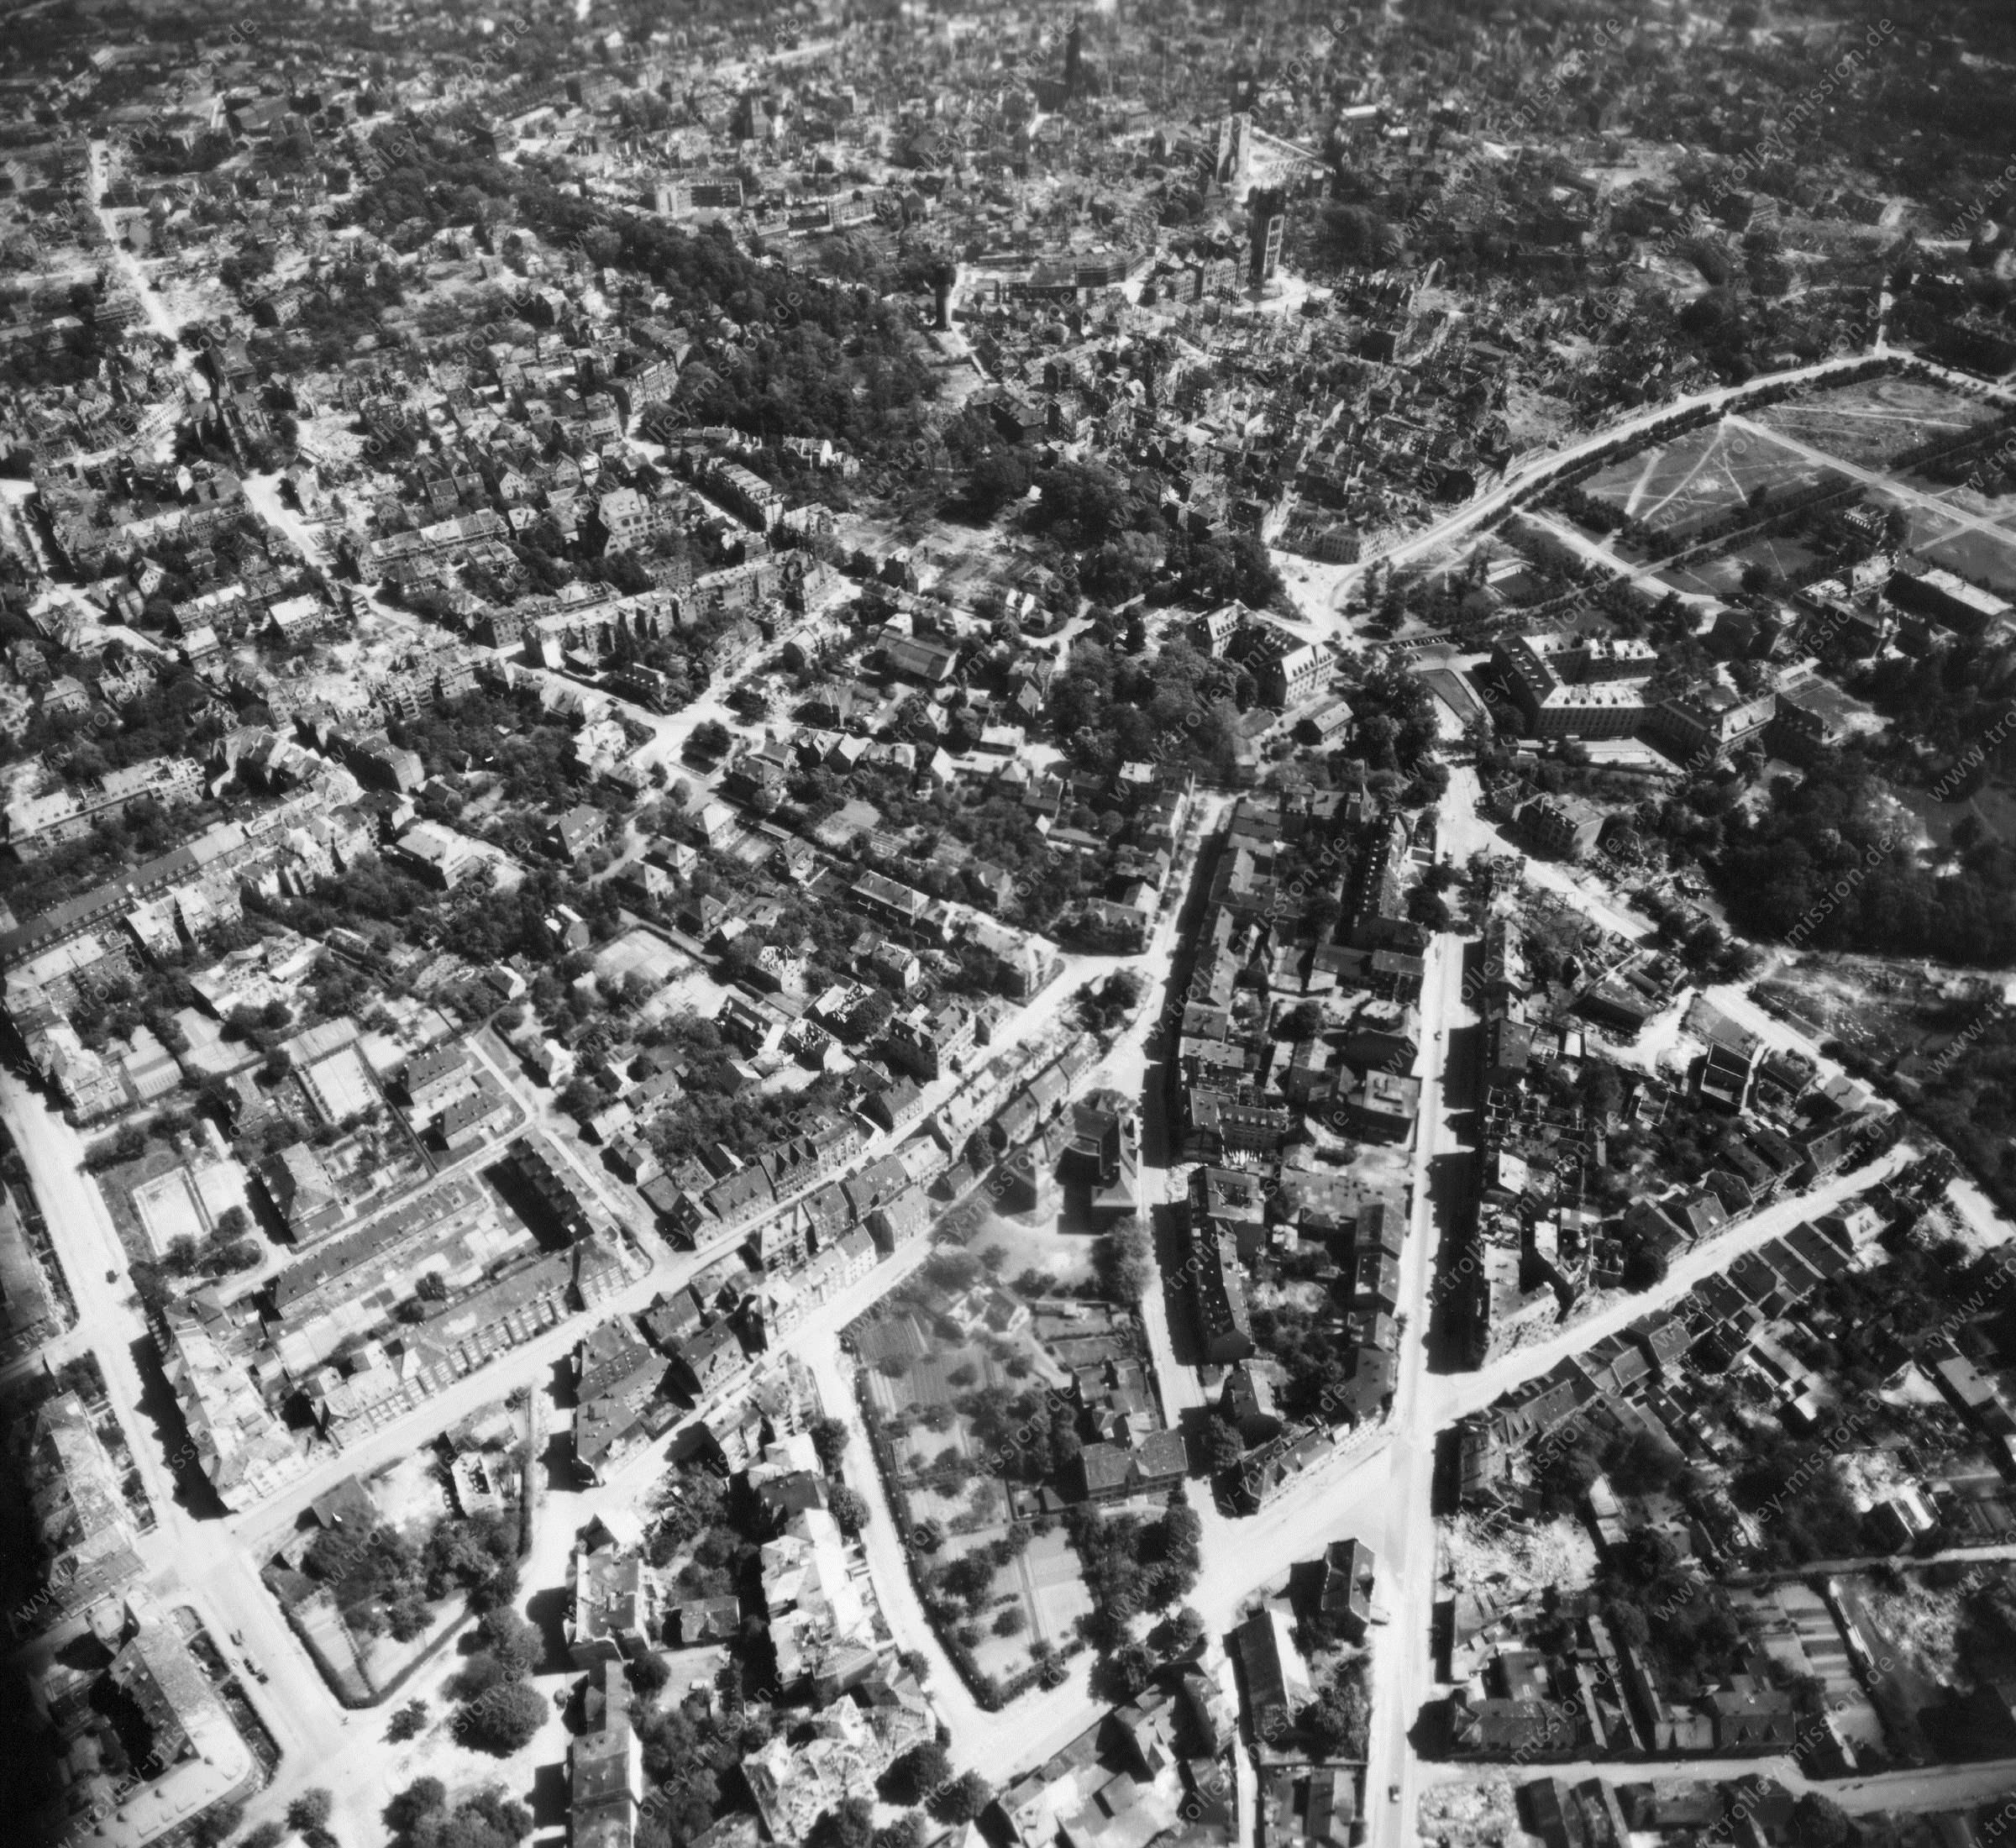 Luftbild von Münster am 12. Mai 1945 - Luftbildserie 5/11 der US Air Force